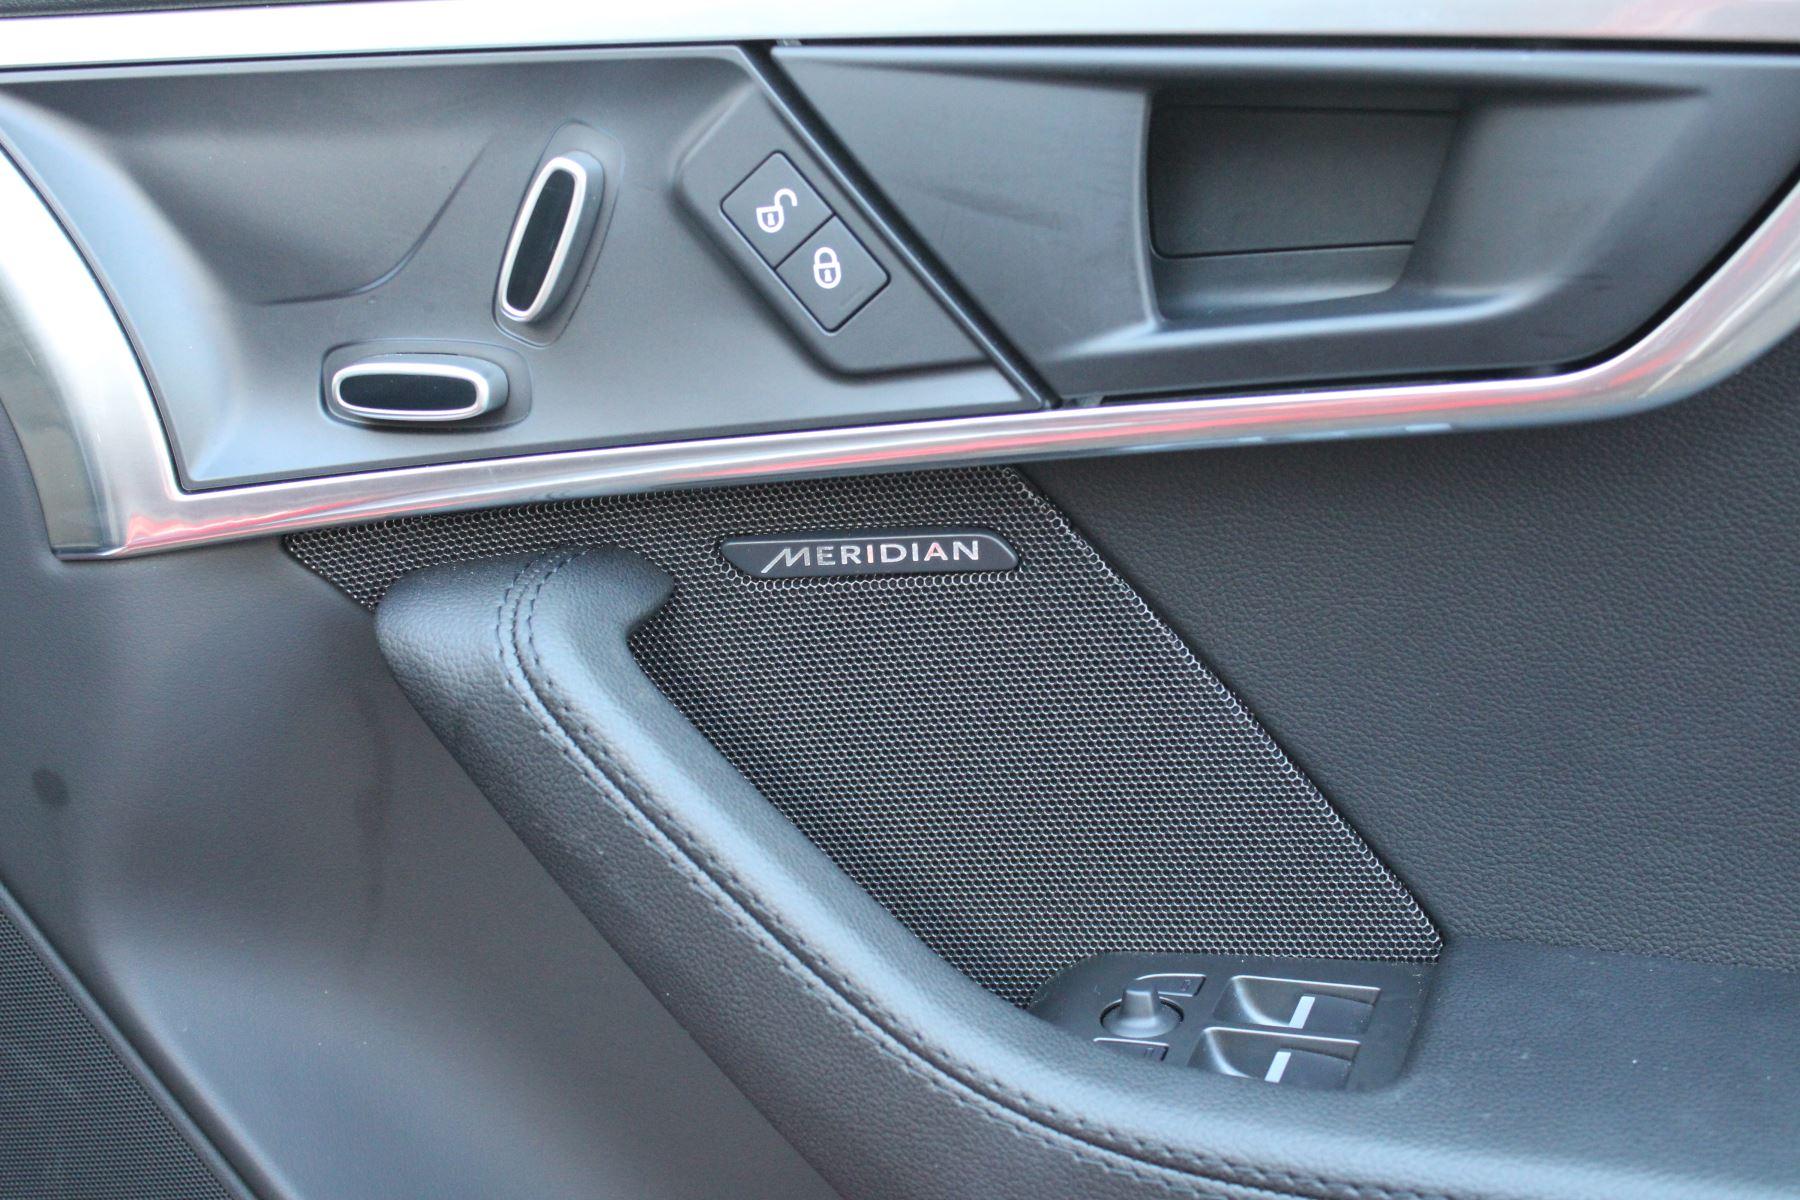 Jaguar F-TYPE 3.0 Supercharged V6 R-Dynamic 2dr image 12